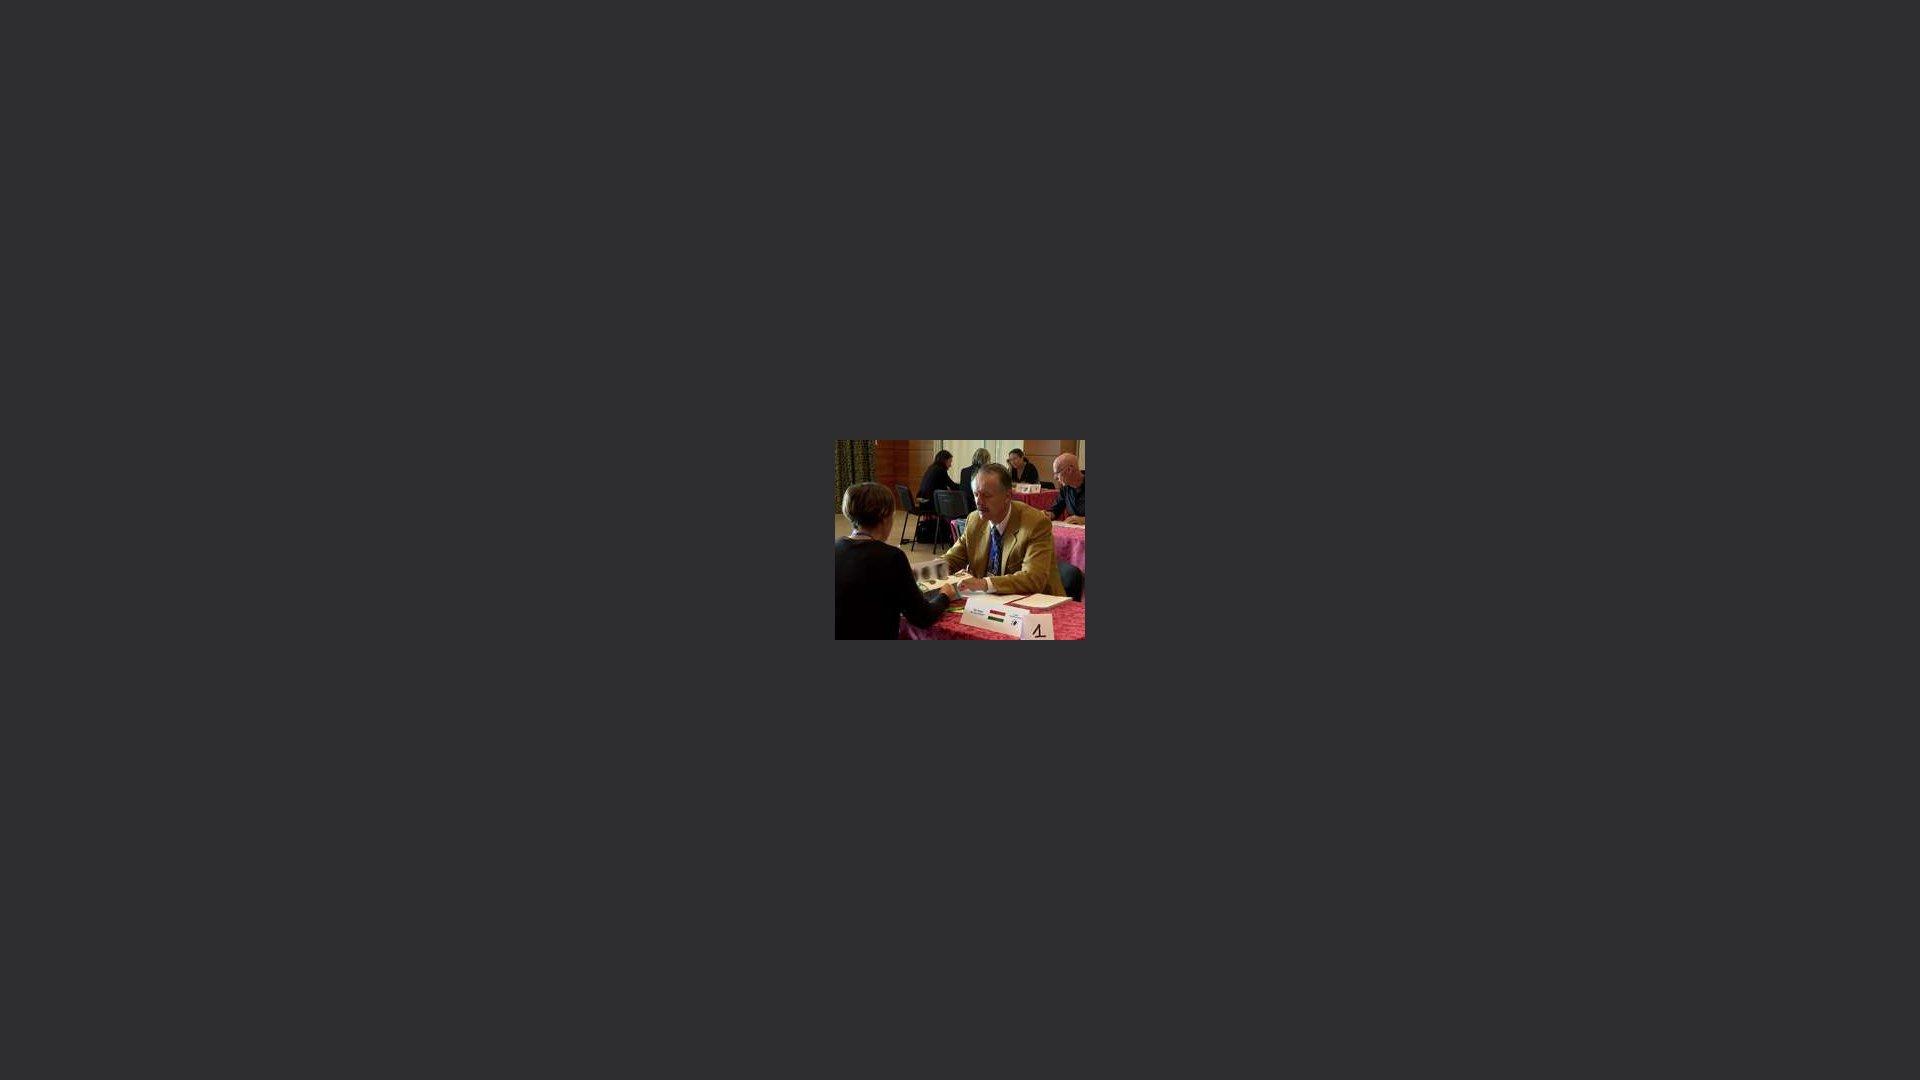 Agenzia di incontri di alta classe dating agenzia Cyrano EP 7 ita